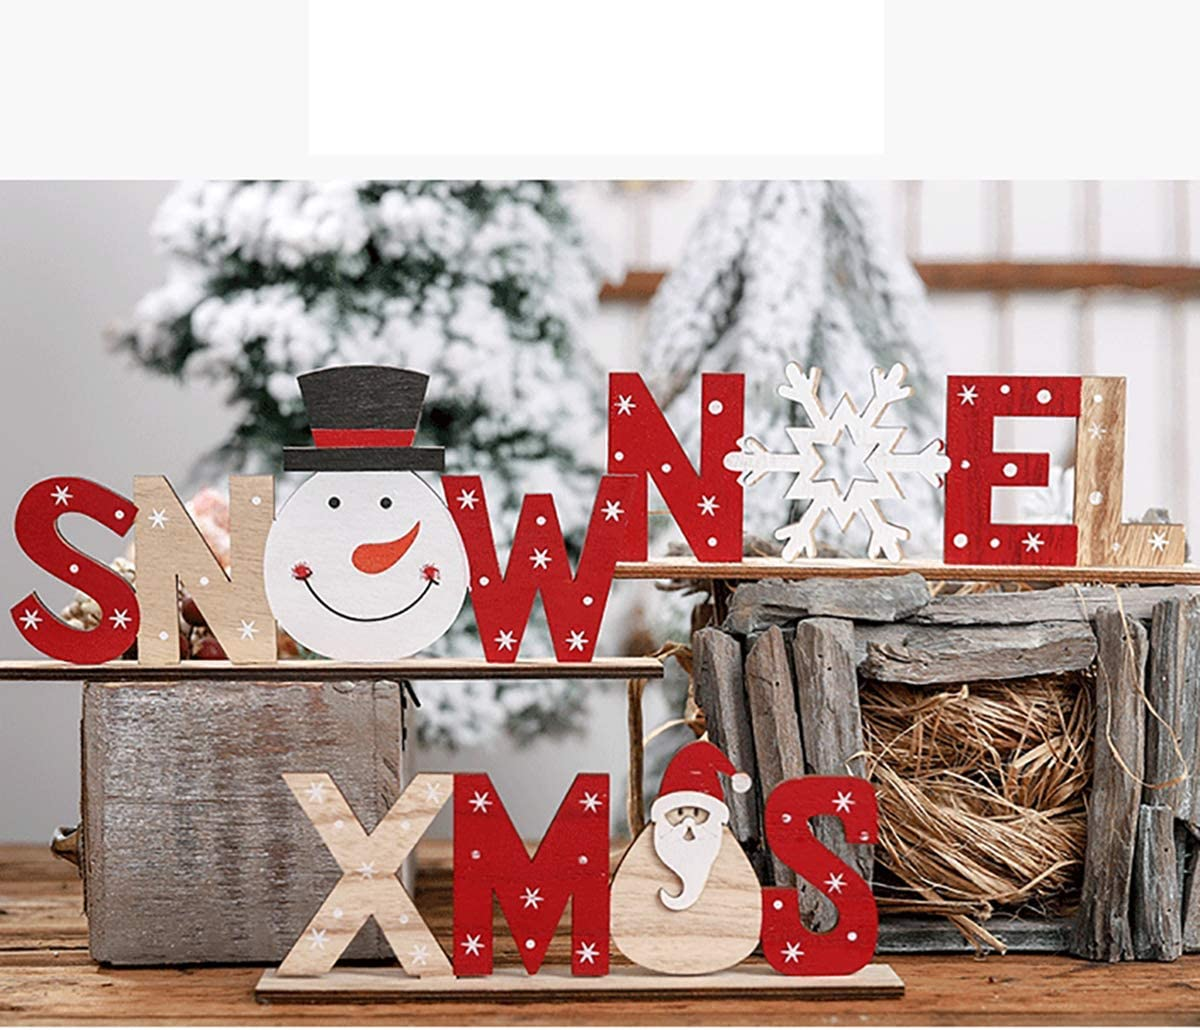 iSuperb  2 St/ück Weihnachten Deko H/ölzerne,Christmas Decorations Wooden Christmas H/äuser Desktop Ornaments,Weihnachtsfeier DIY Handwerk Hausgarten Dekoration